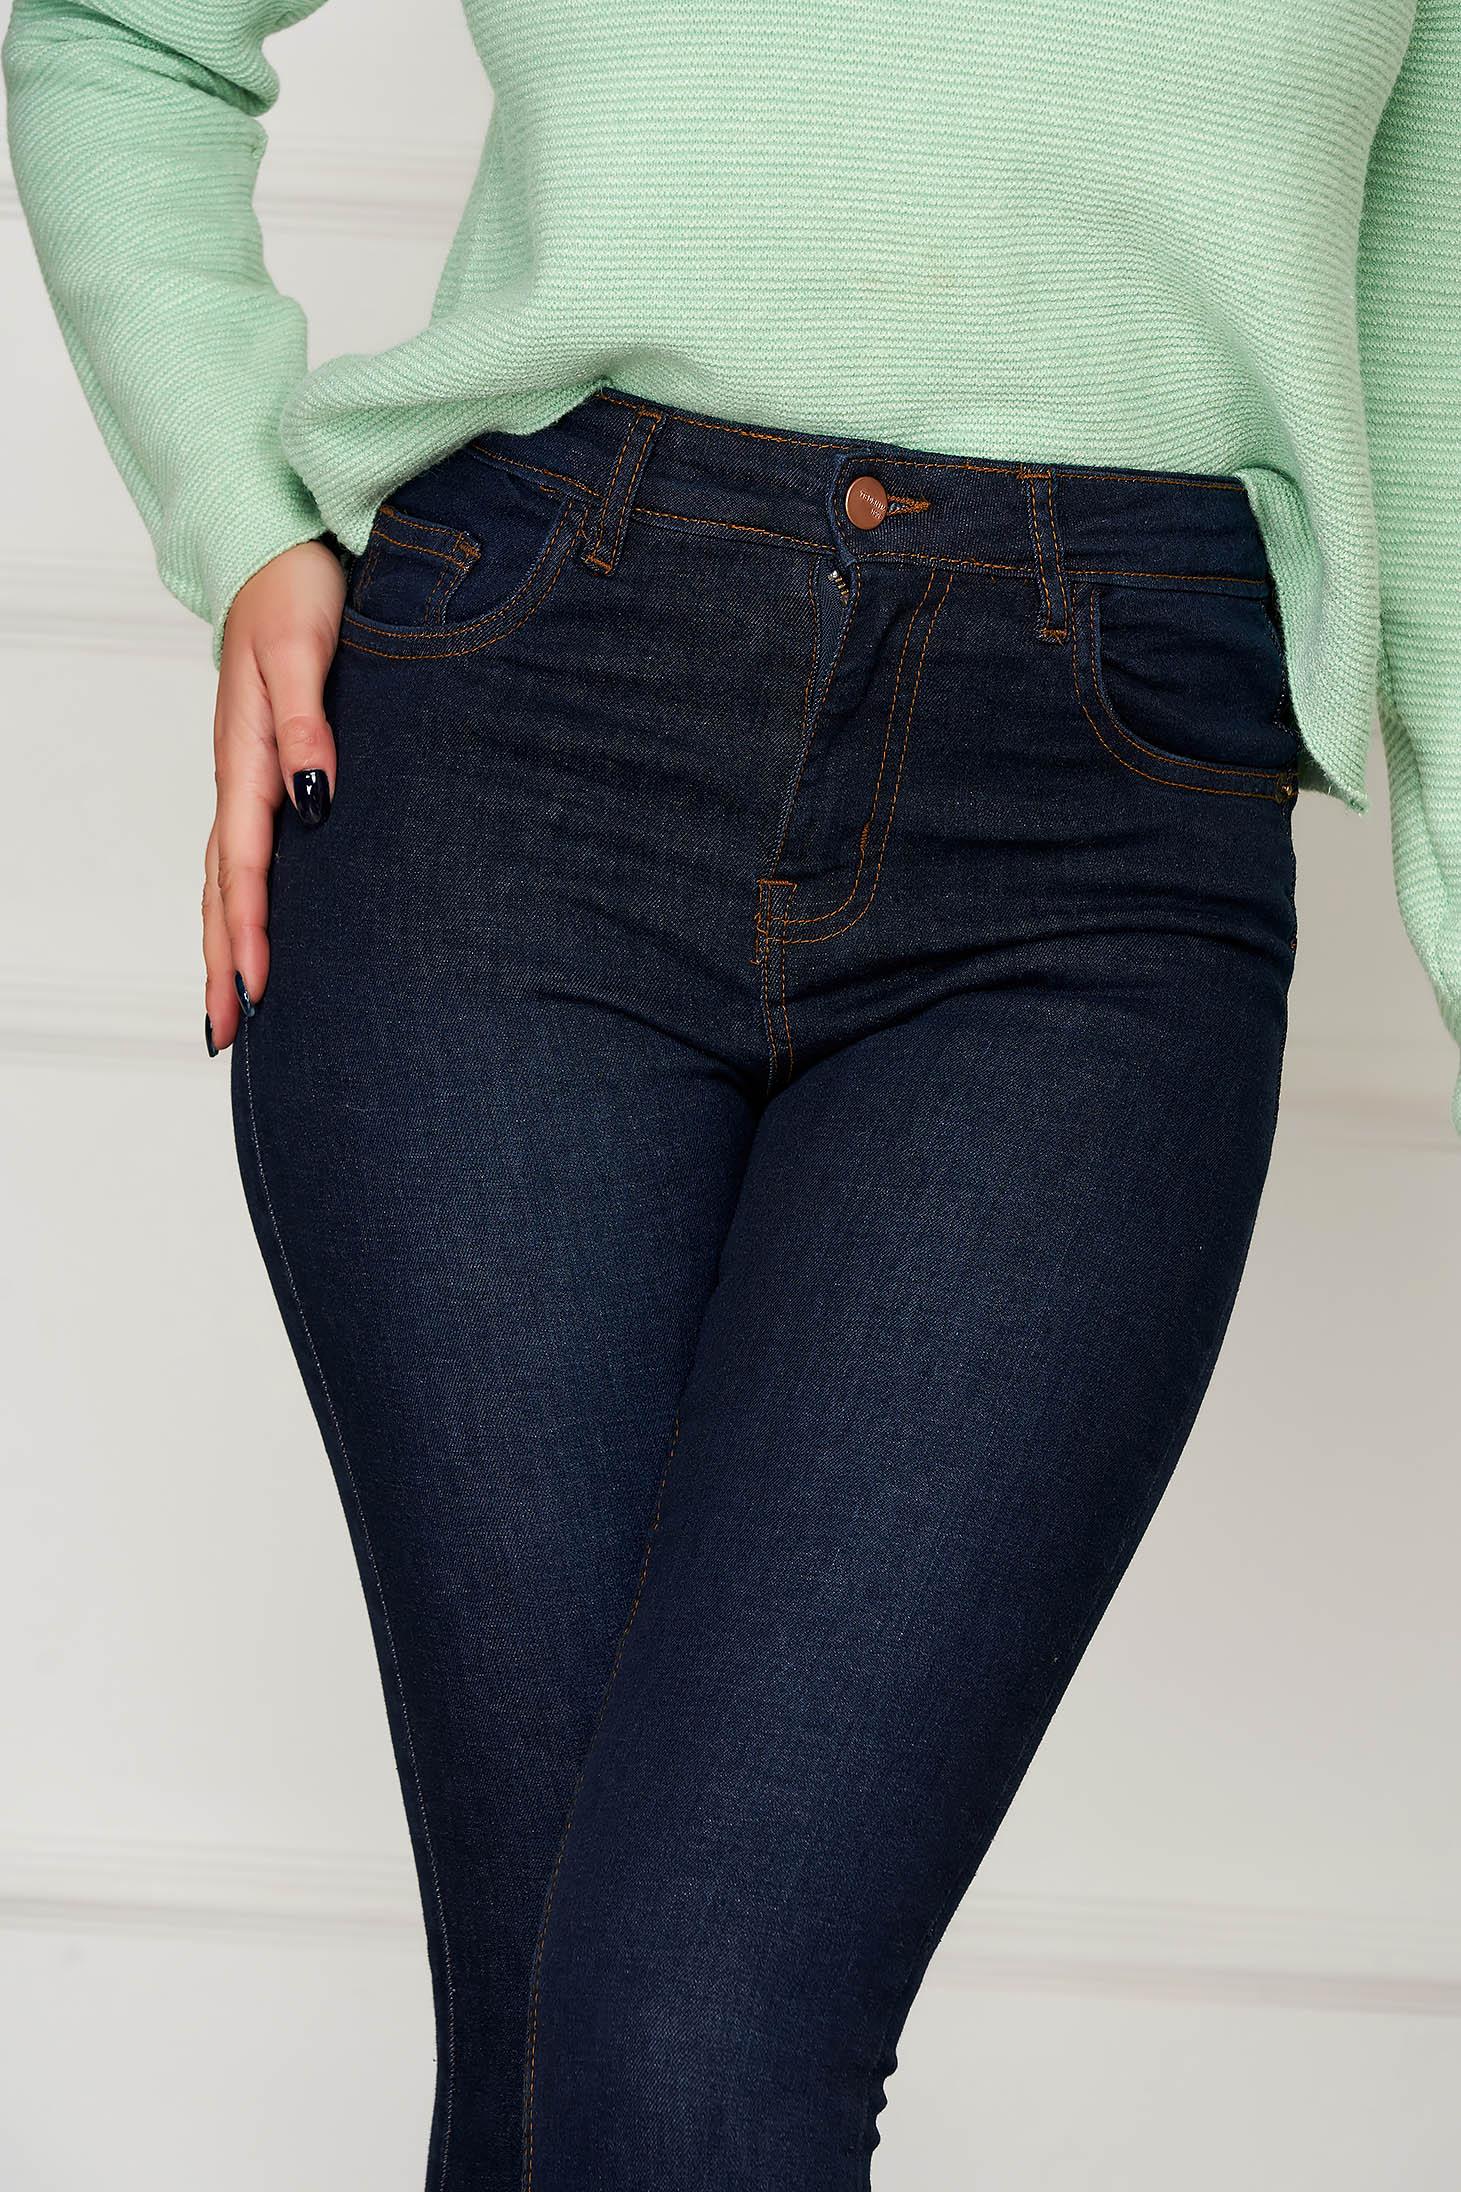 Pantaloni Top Secret albastru-inchis casual conici lungi din denim cu buzunare